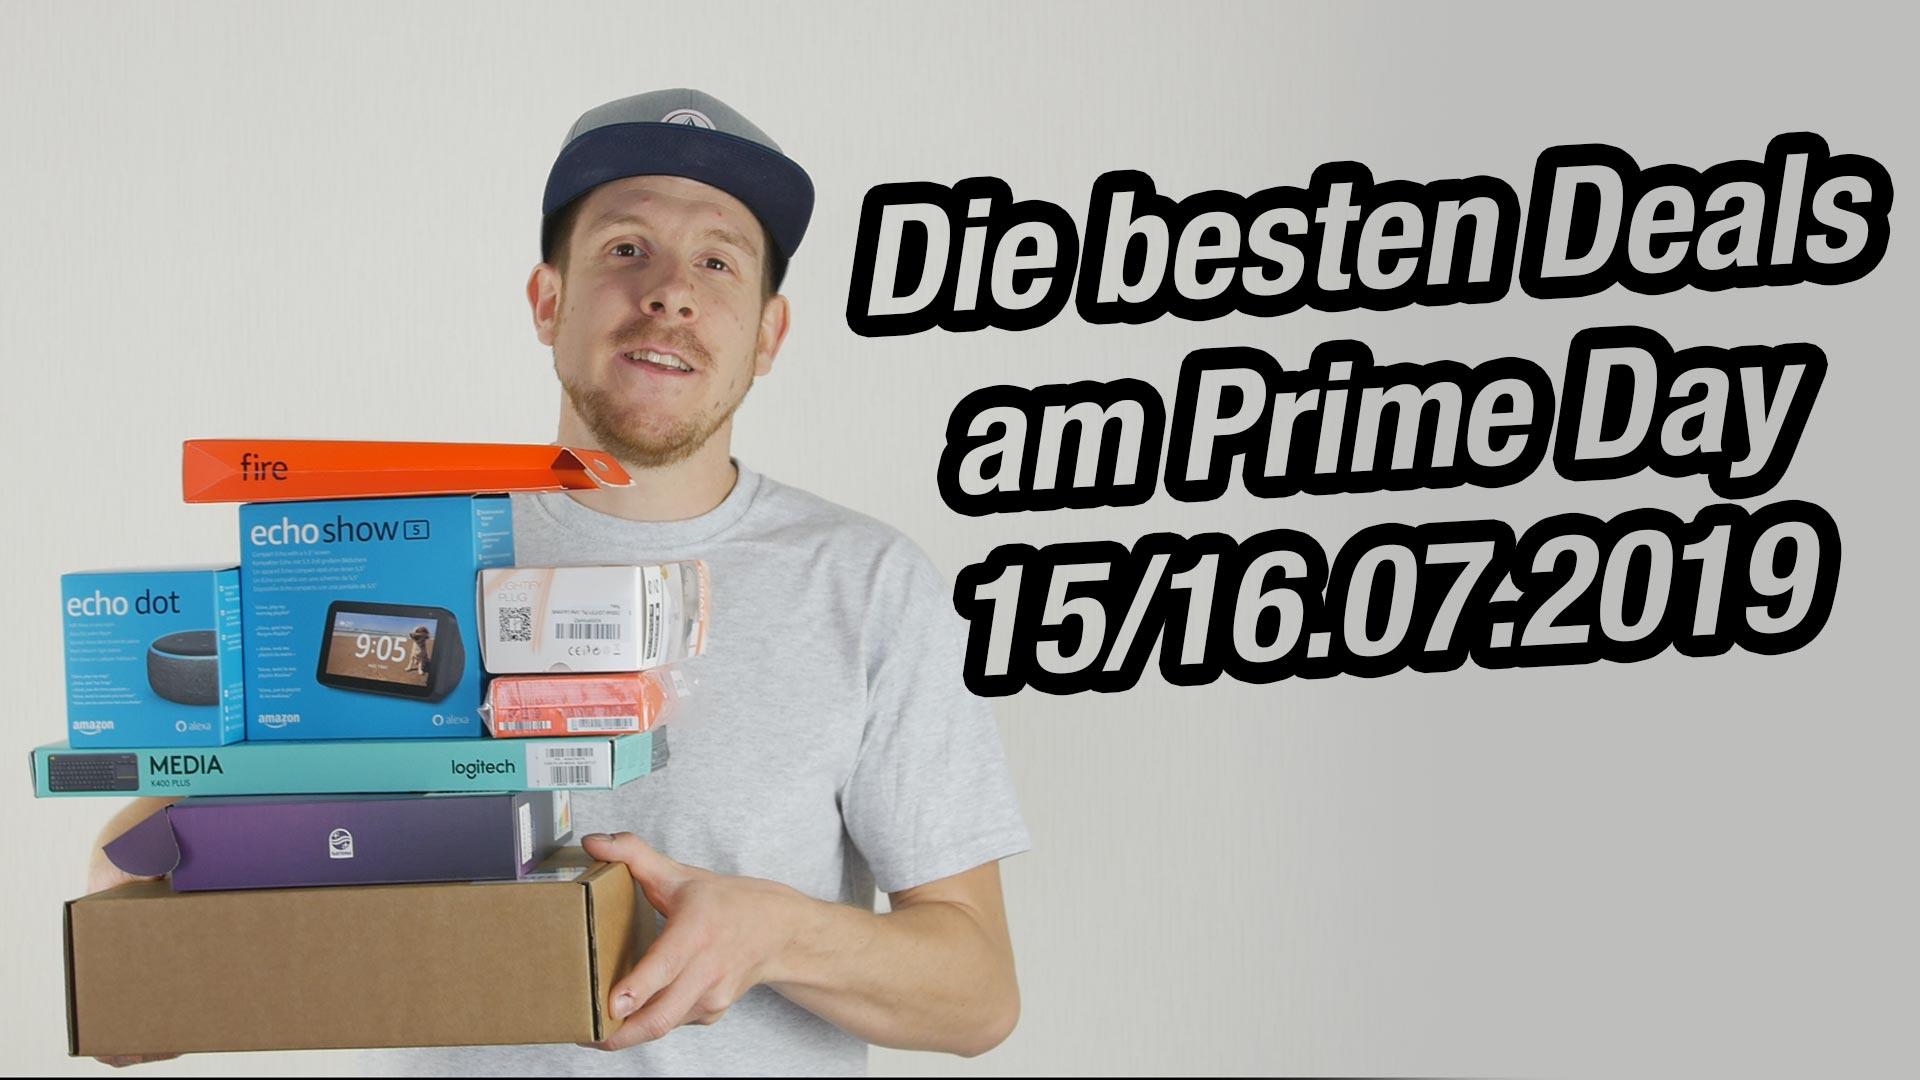 Die besten Deals am amazon Prime Day 2019